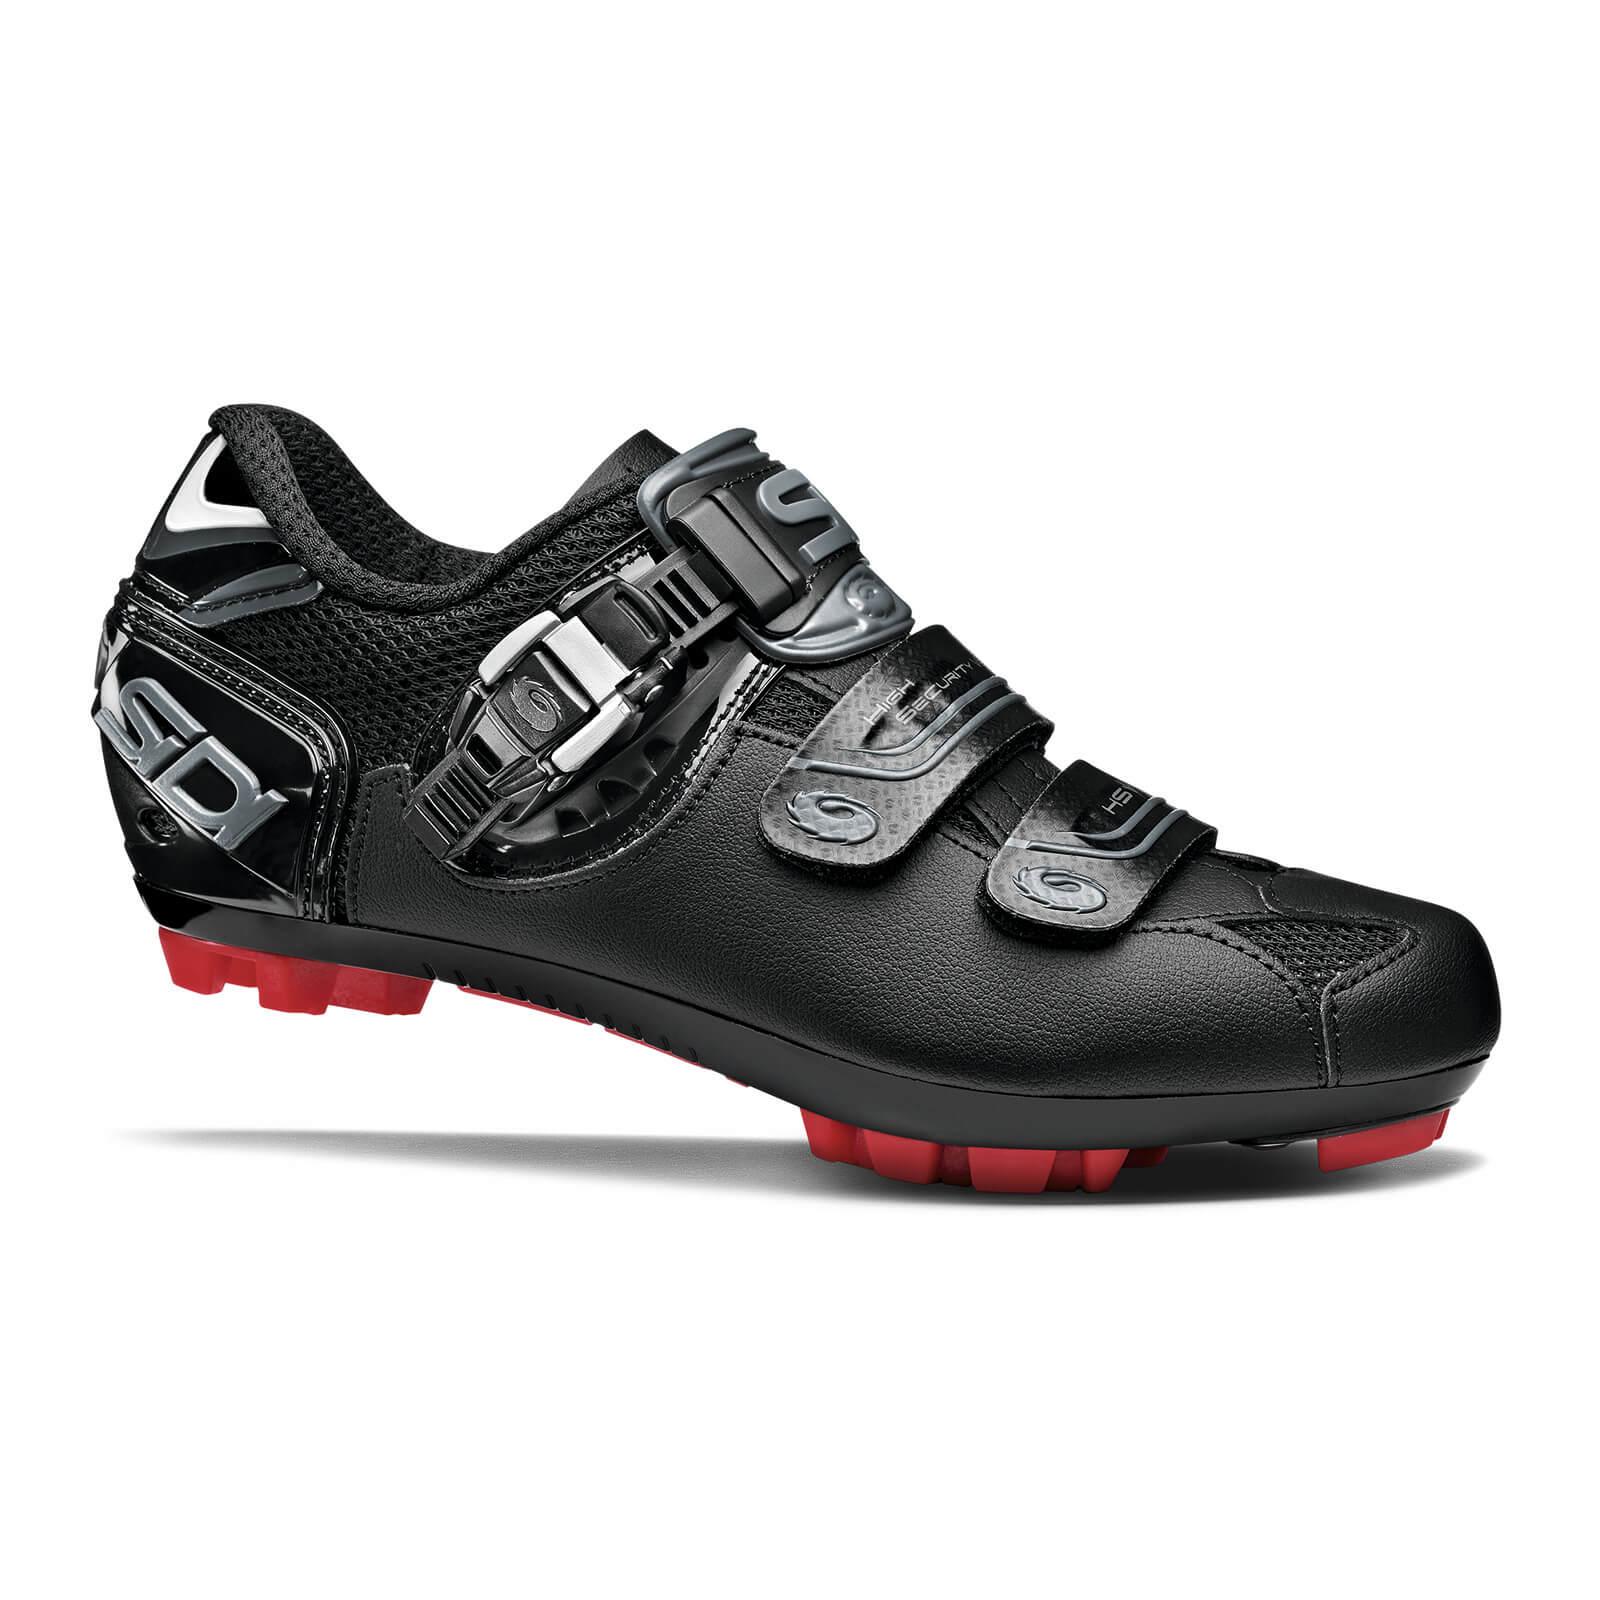 Sidi Women's Eagle 7 SR MTB Shoes - Shadow Black - EU 41 - Shadow Black